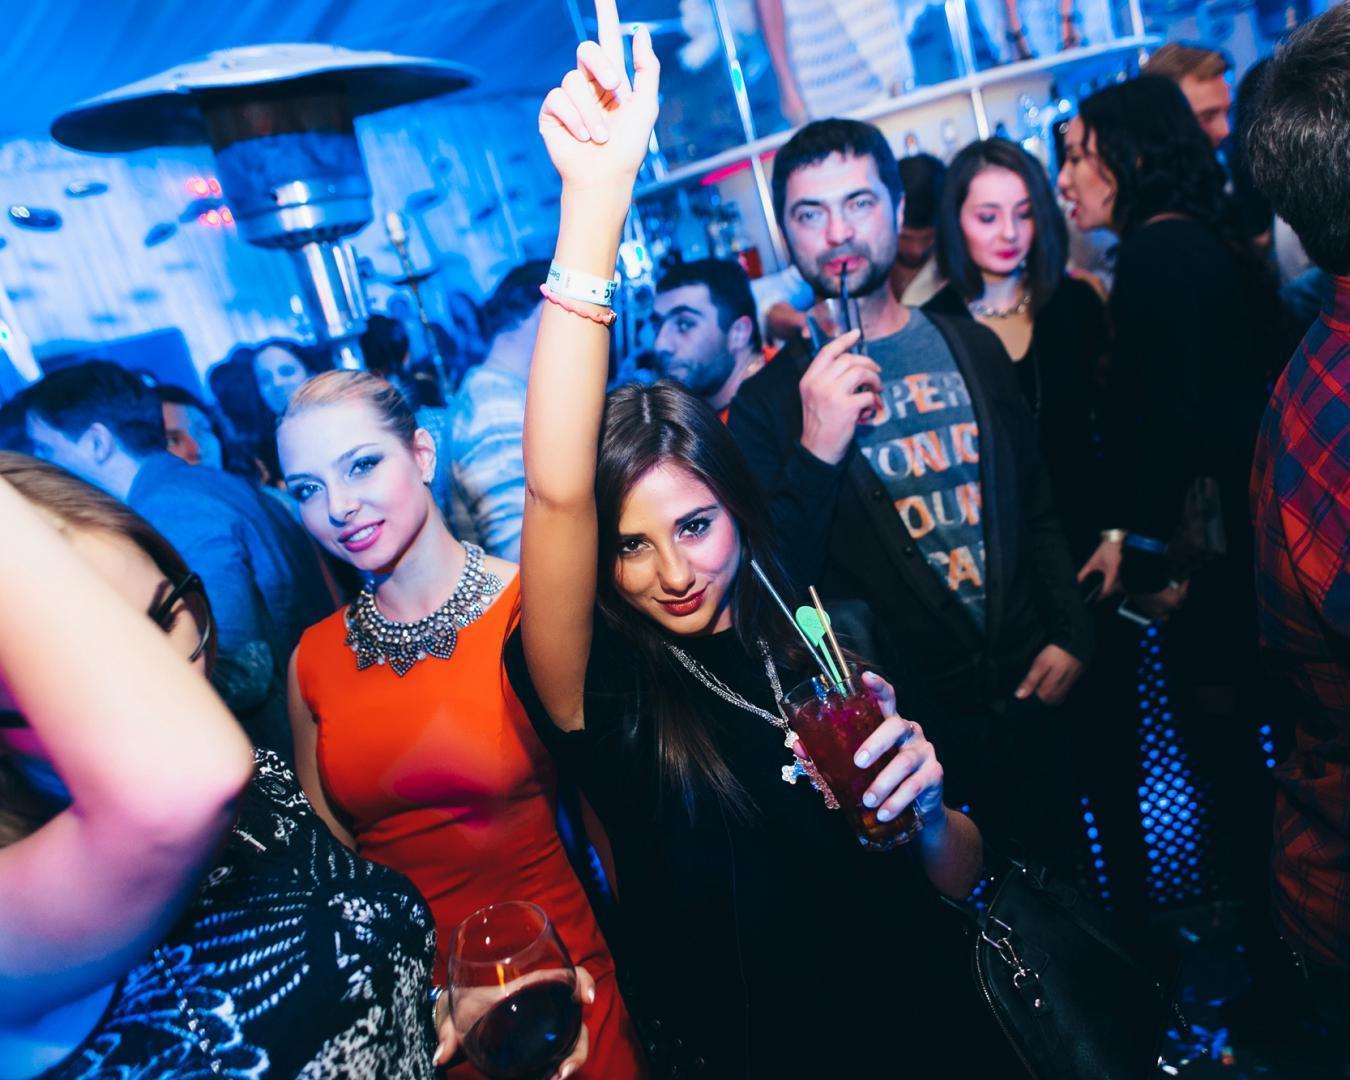 фотоловушку сайт фото с ночных клубов владивосток тела погибших